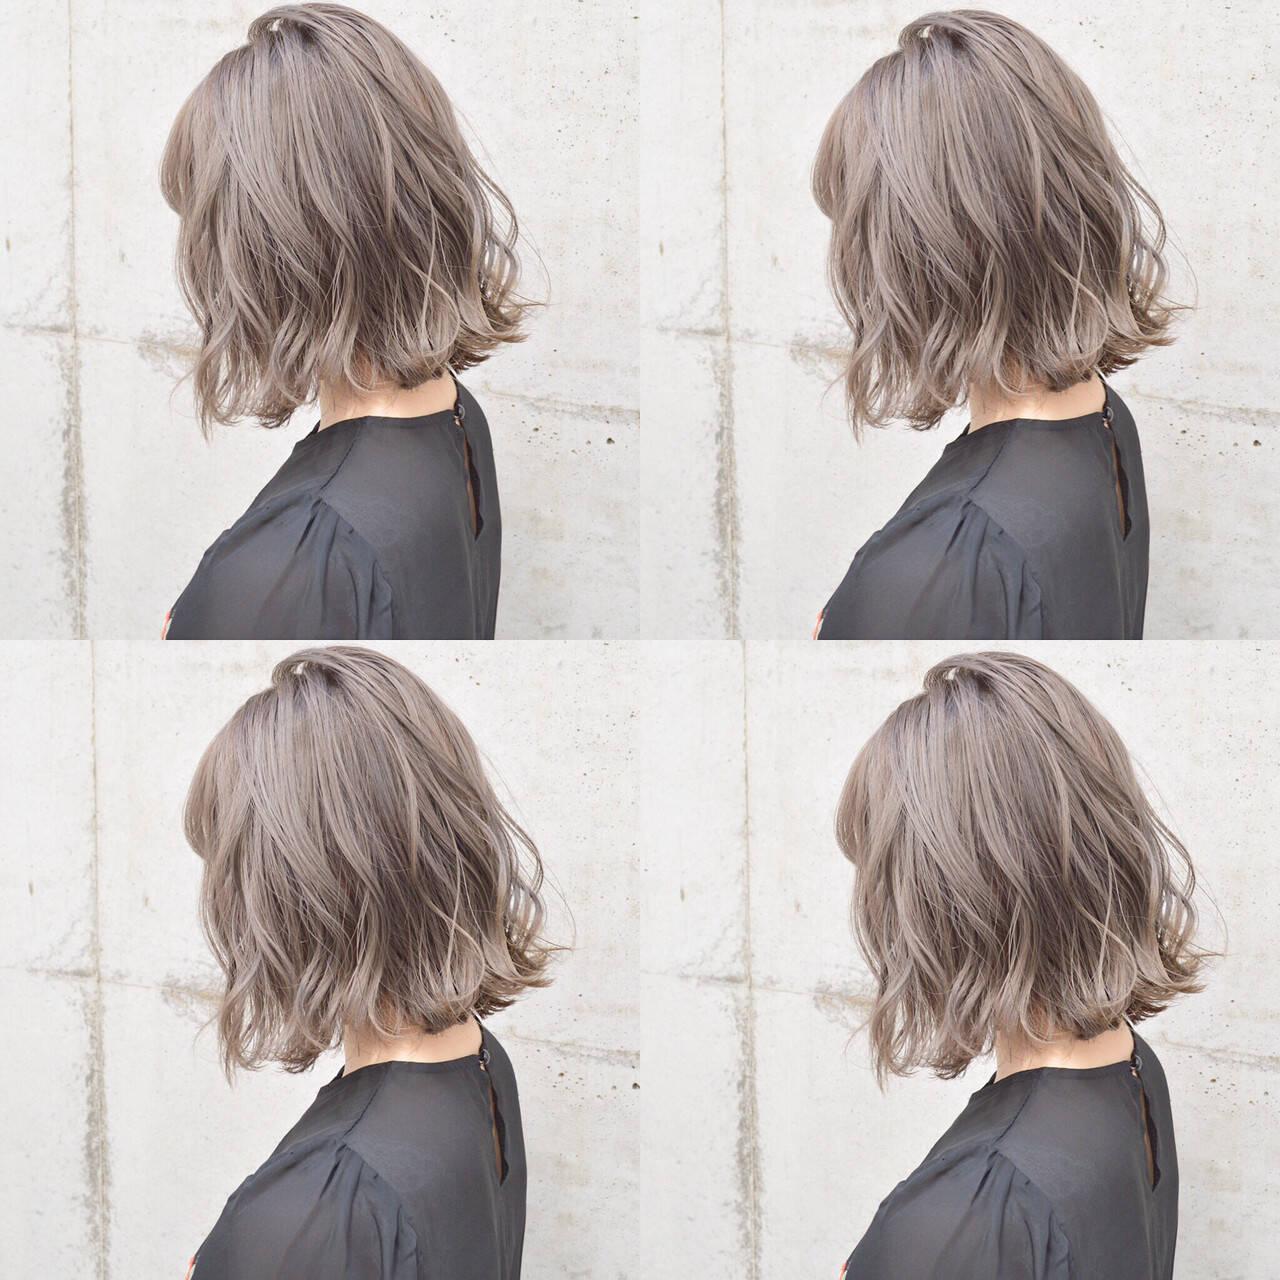 オフィス デート 結婚式 ヘアアレンジヘアスタイルや髪型の写真・画像